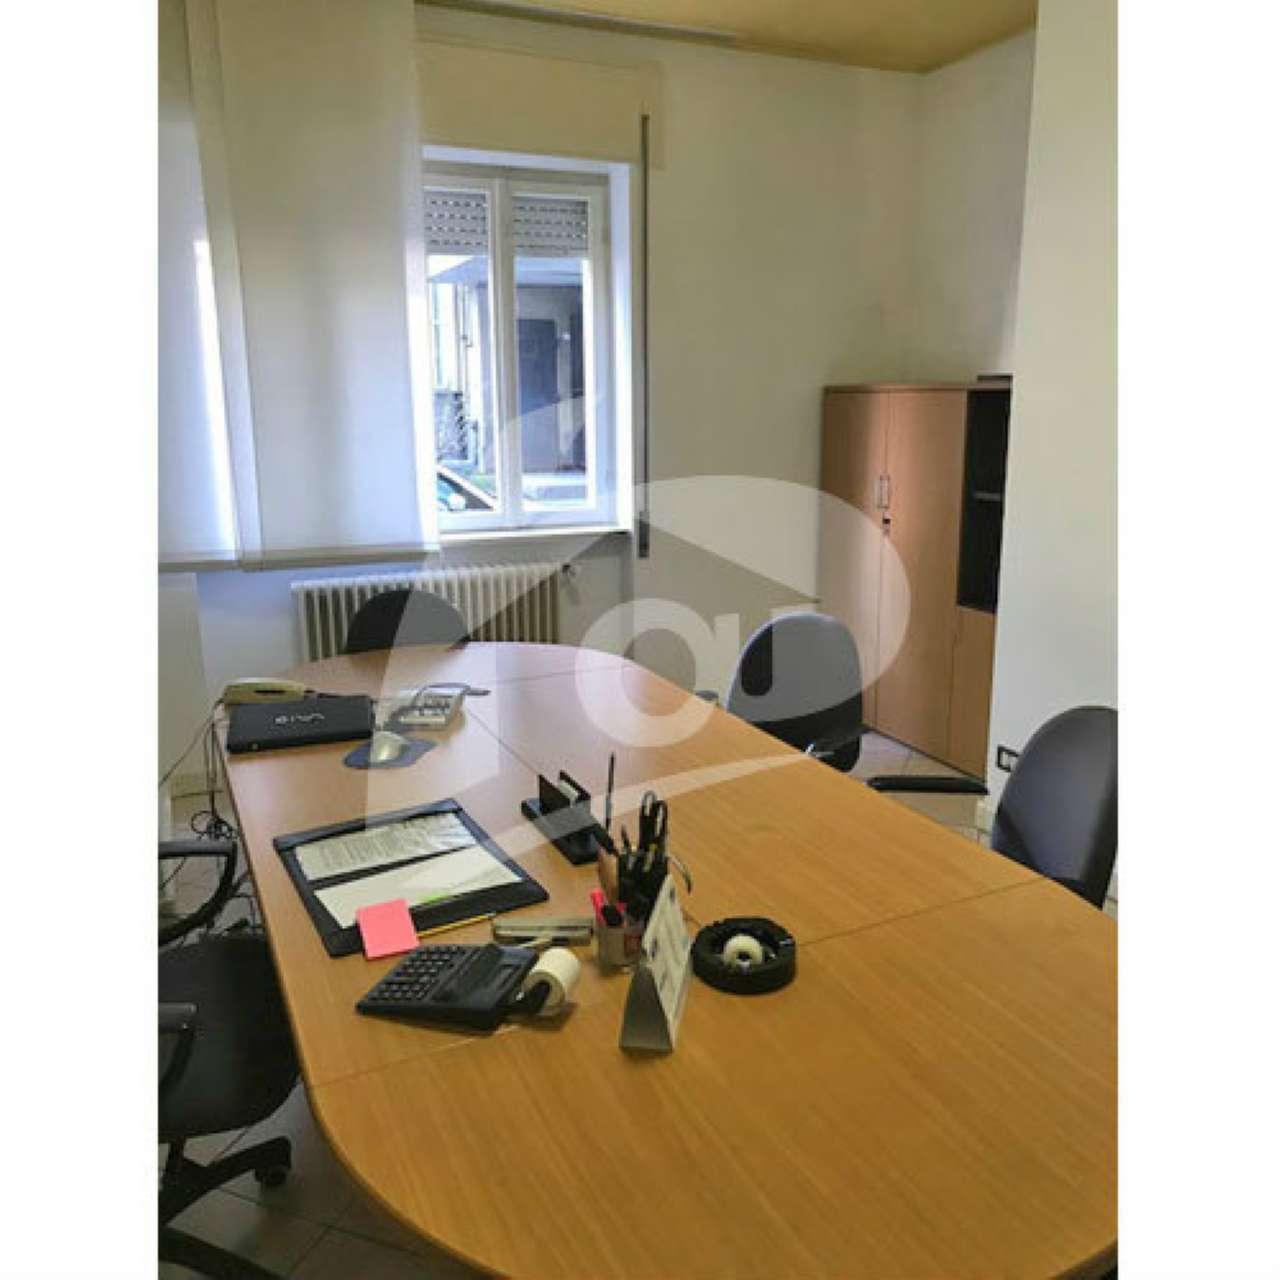 Ufficio / Studio in vendita a Cittiglio, 1 locali, prezzo € 25.000 | CambioCasa.it